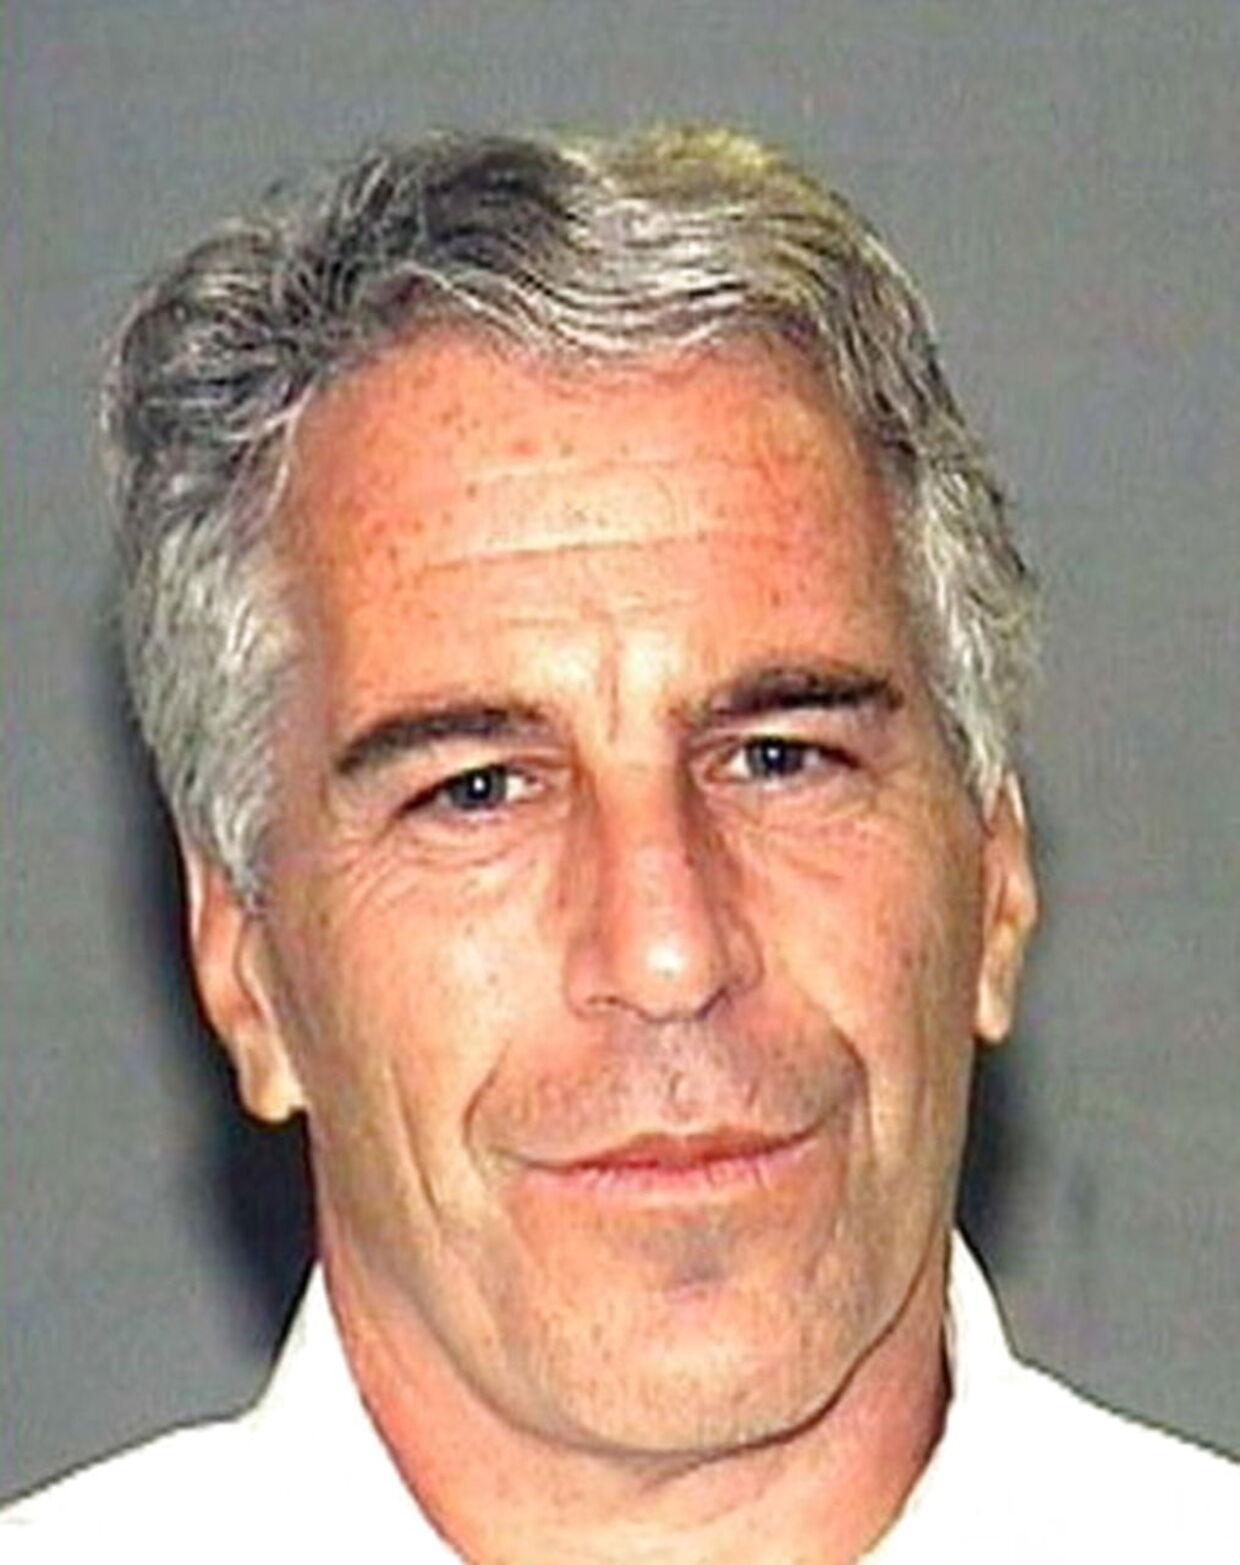 Den amerikanske anklagemyndighed har i forbindelse med sagne offentliggjort dette udaterede billede af Jeffrey Epstein.